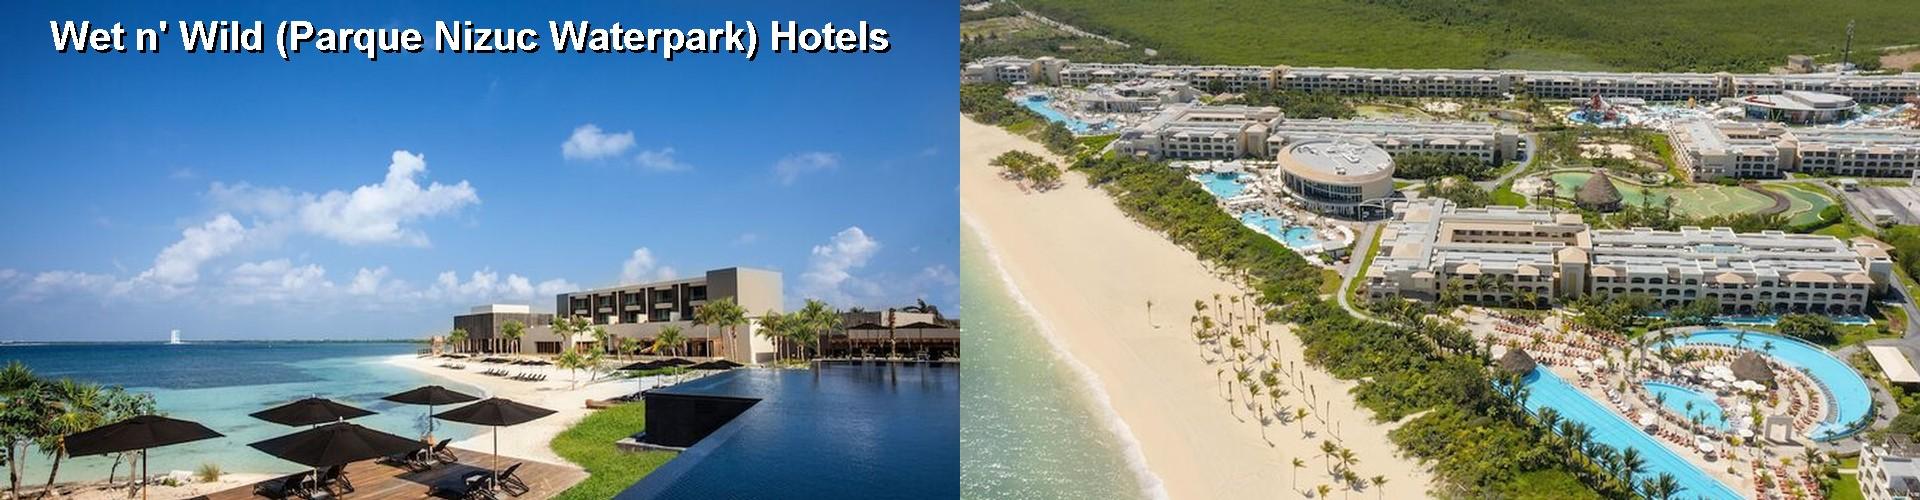 5 Best Hotels Near Wet N Wild Parque Nizuc Waterpark